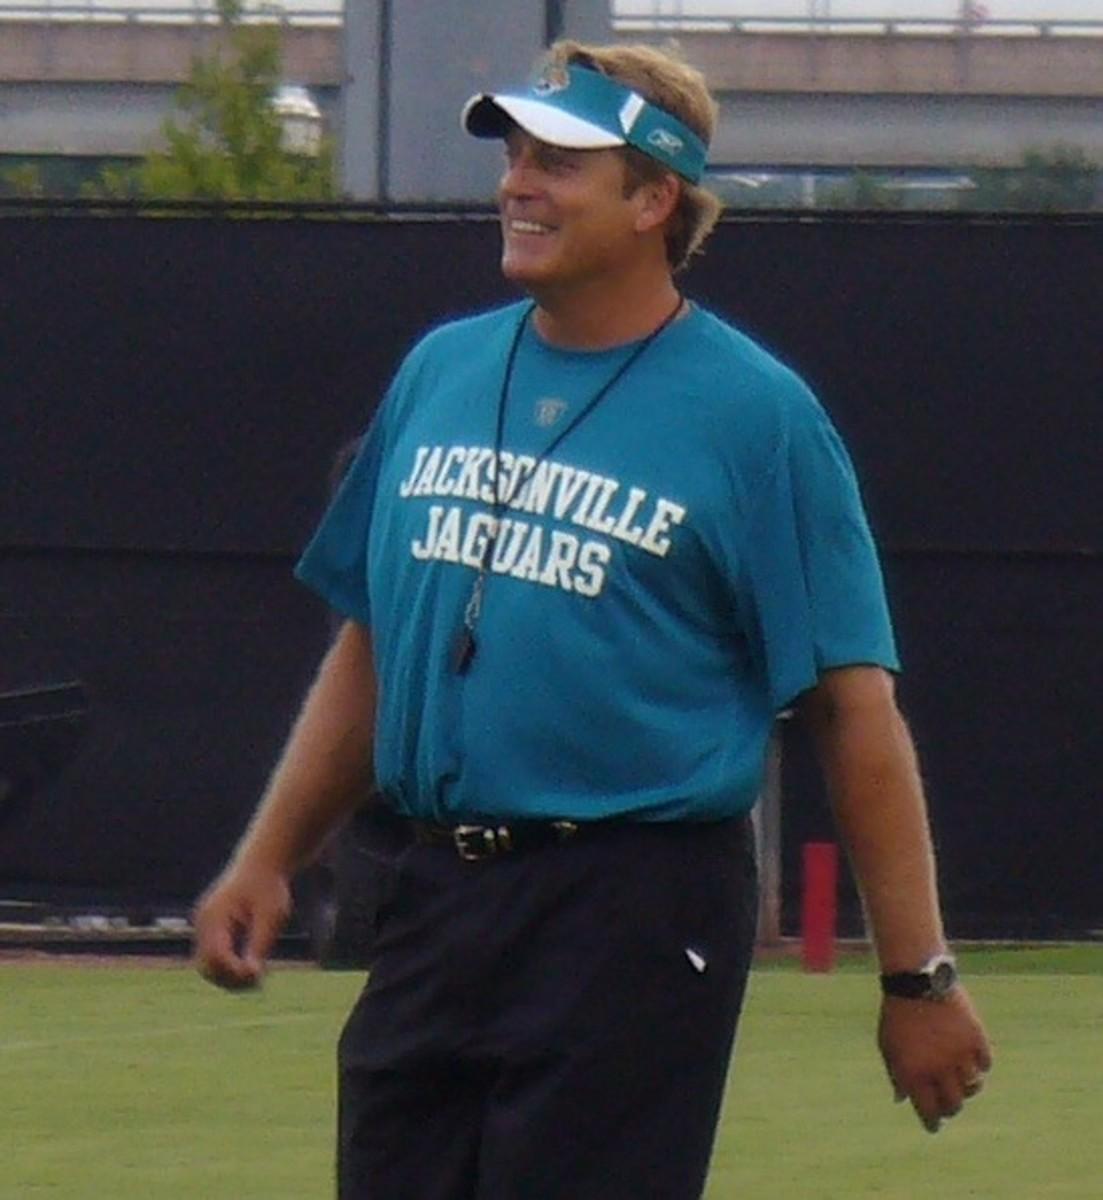 Jack-del-Rio-2008